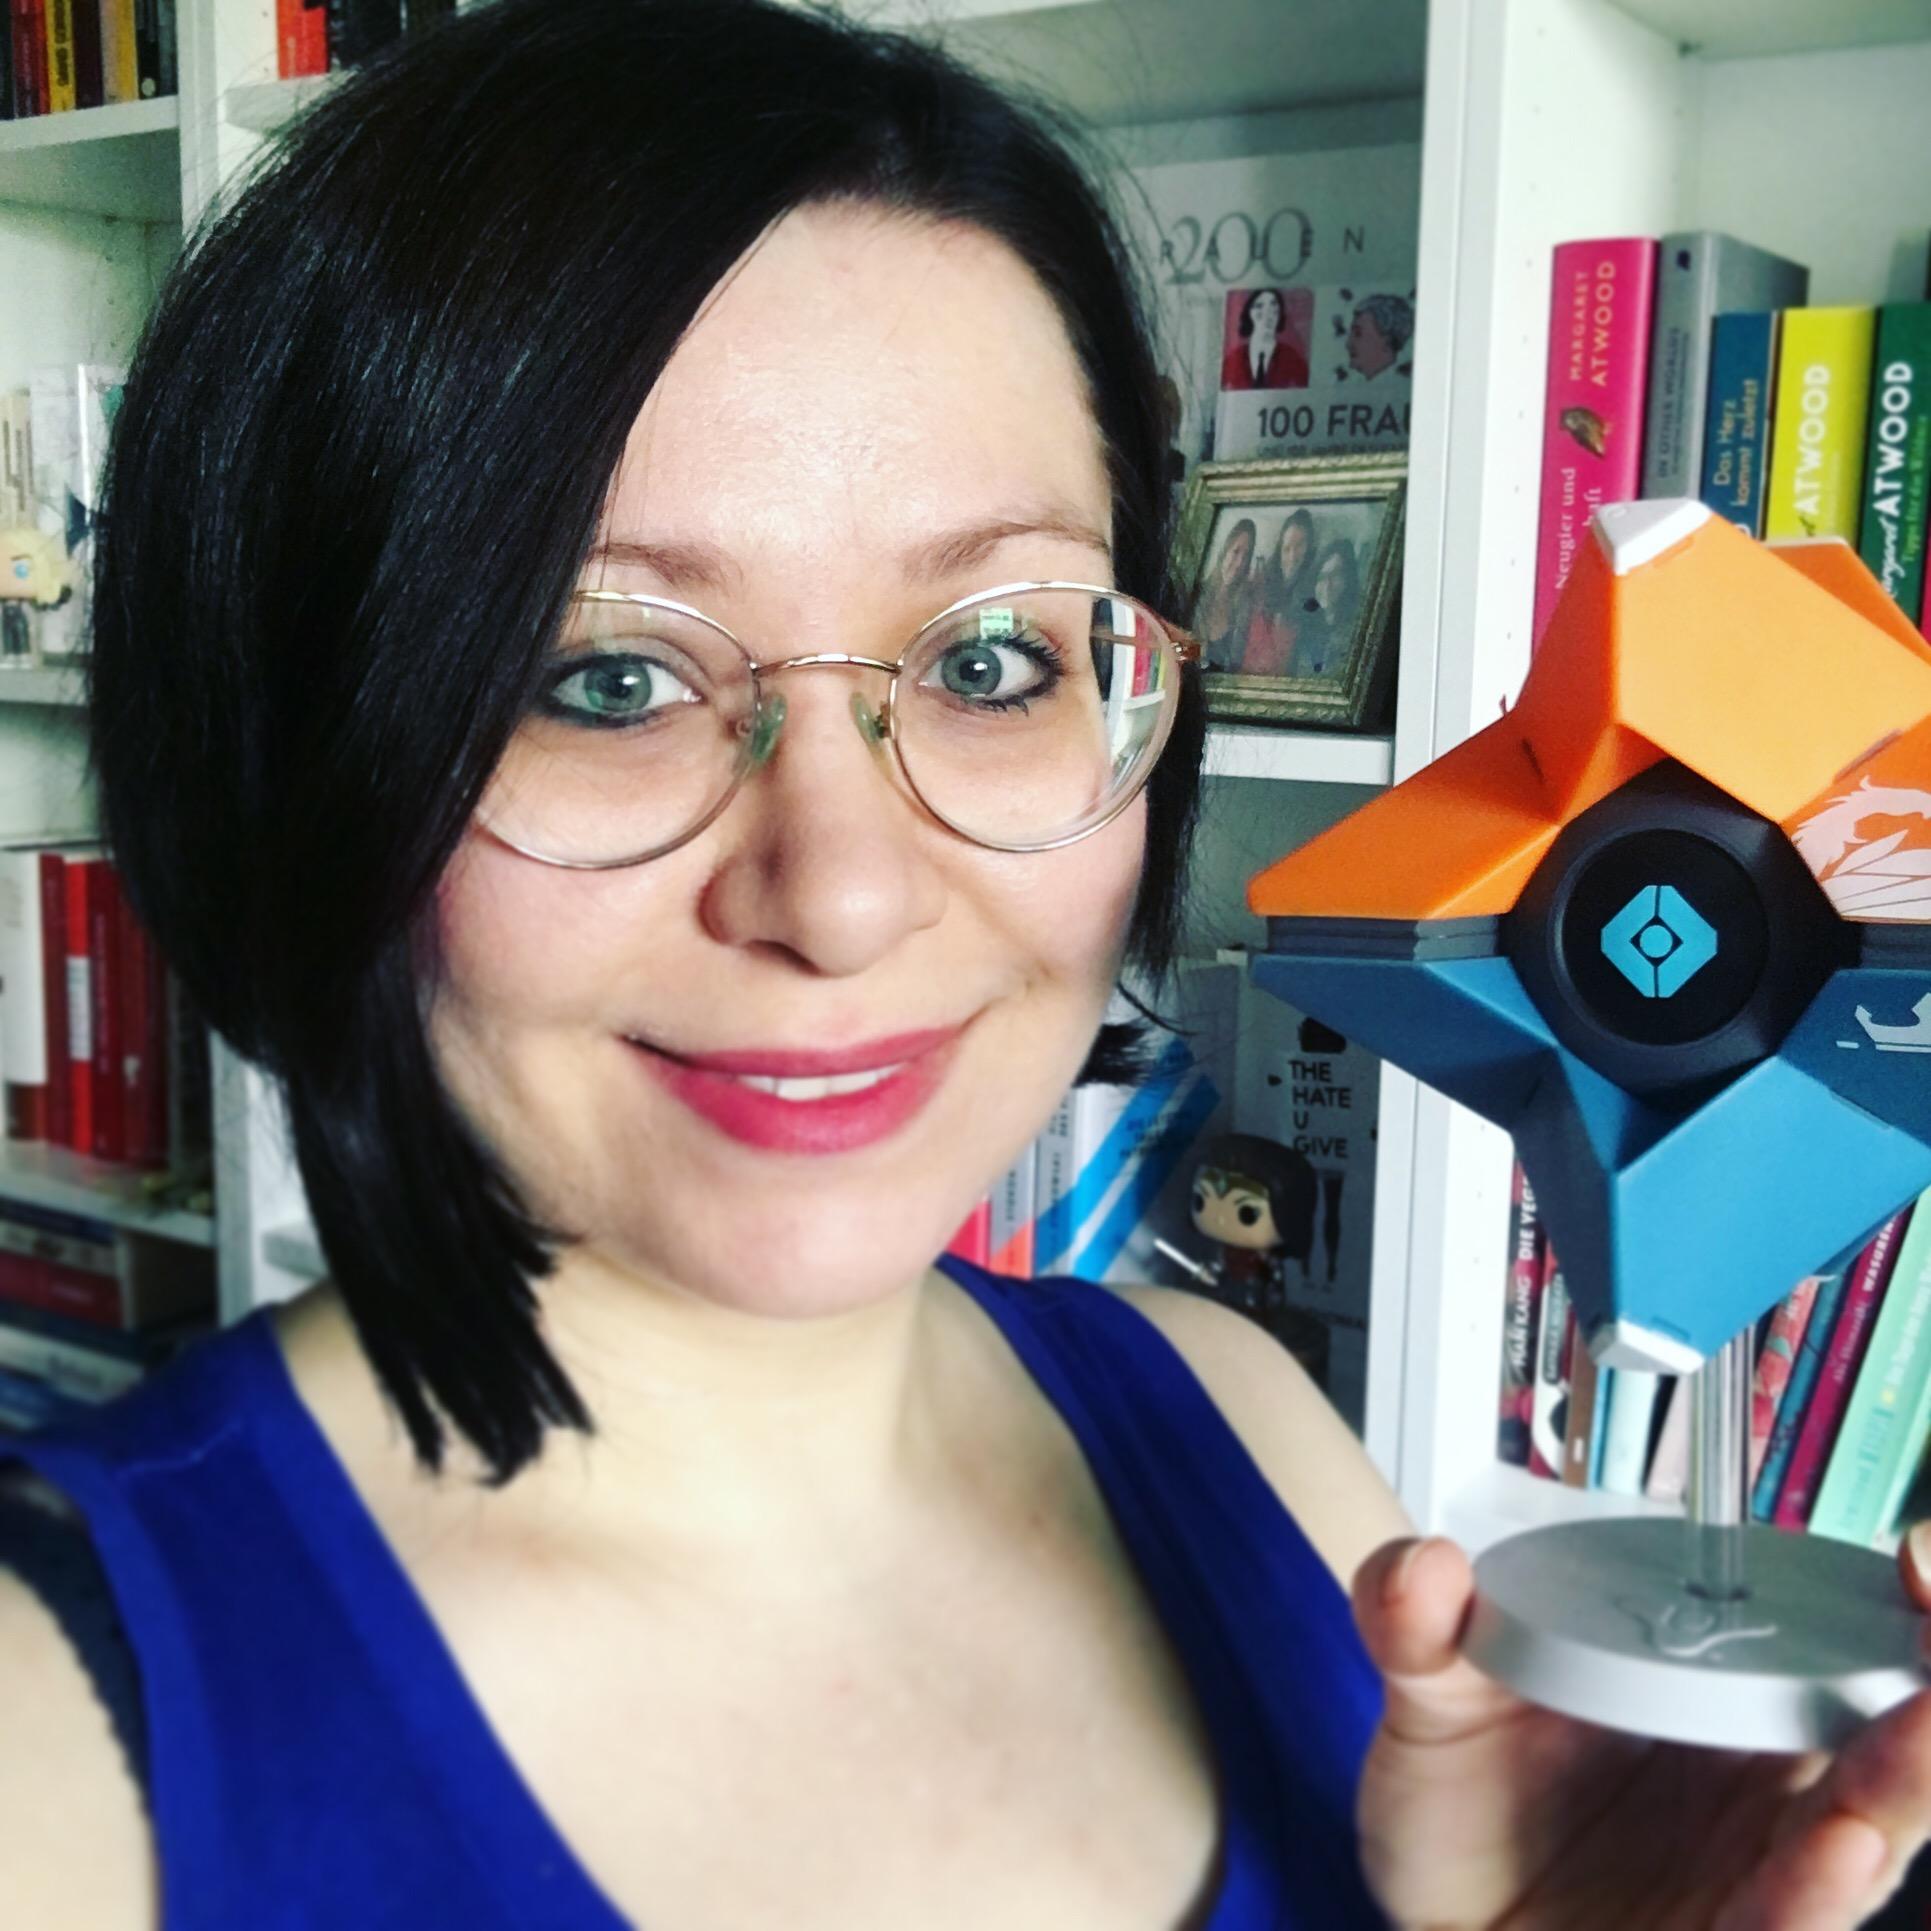 Ramona Böhm (El Tragalibros - der (zockende) Bücherwurm